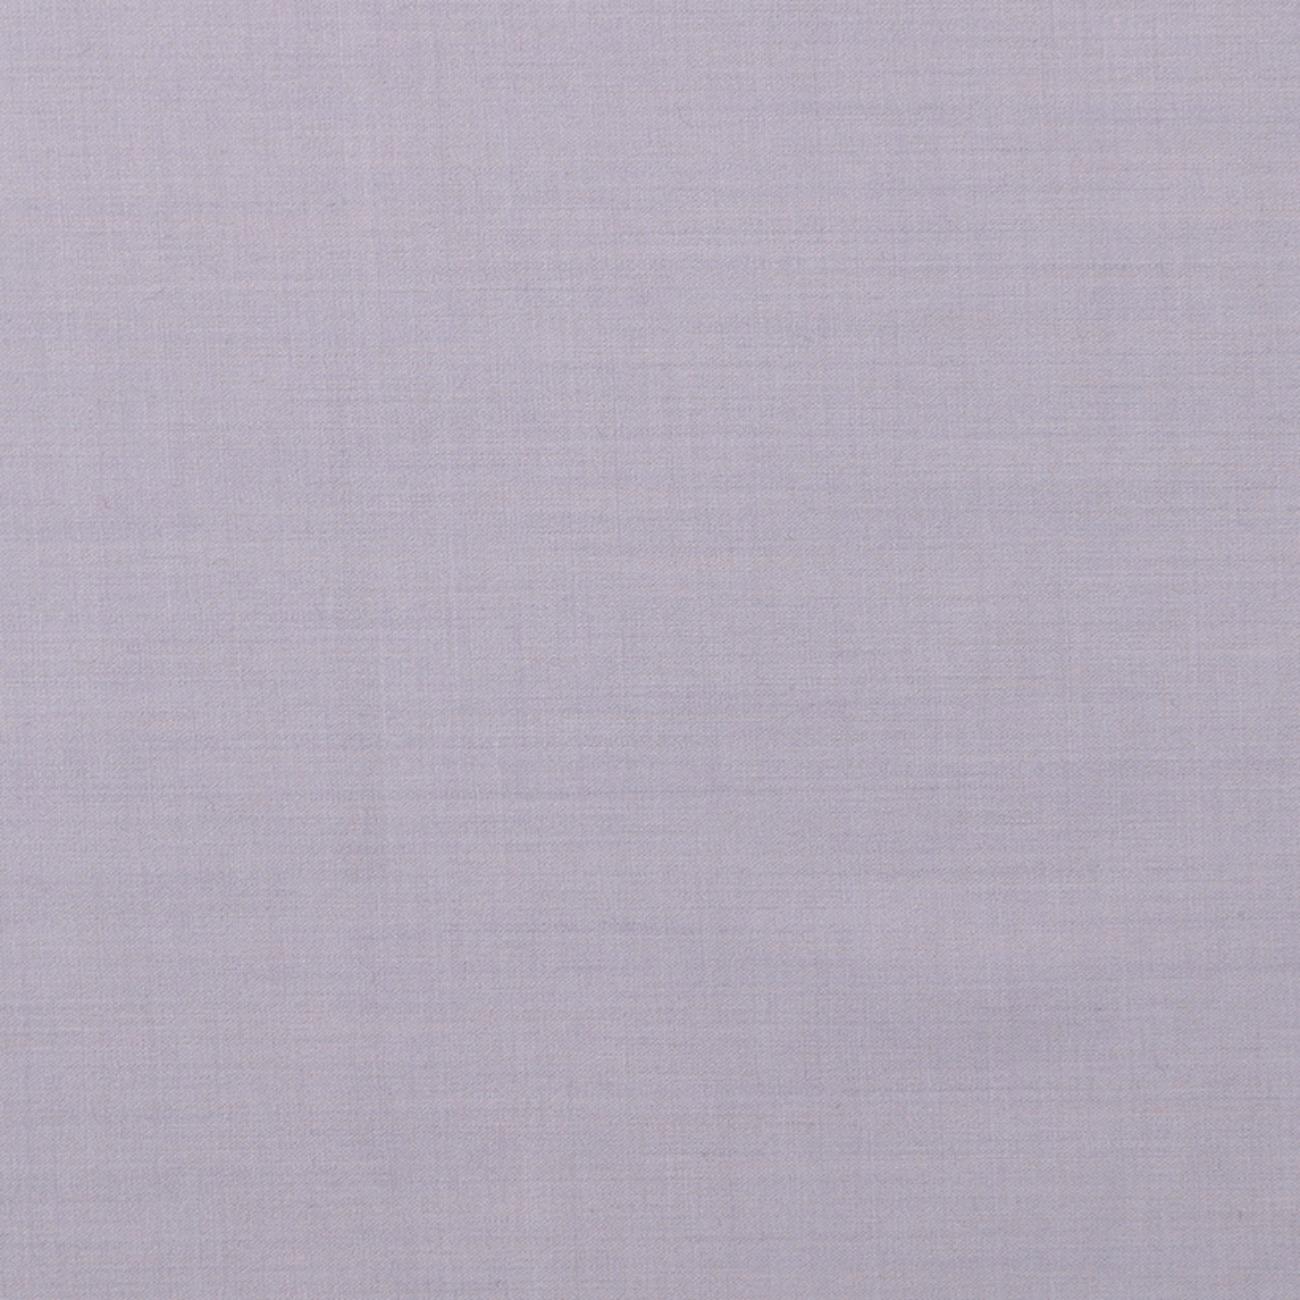 毛纺 素色 羊毛 染色 薄 精仿 西装 职业装 春秋 女装 男装 71122-47